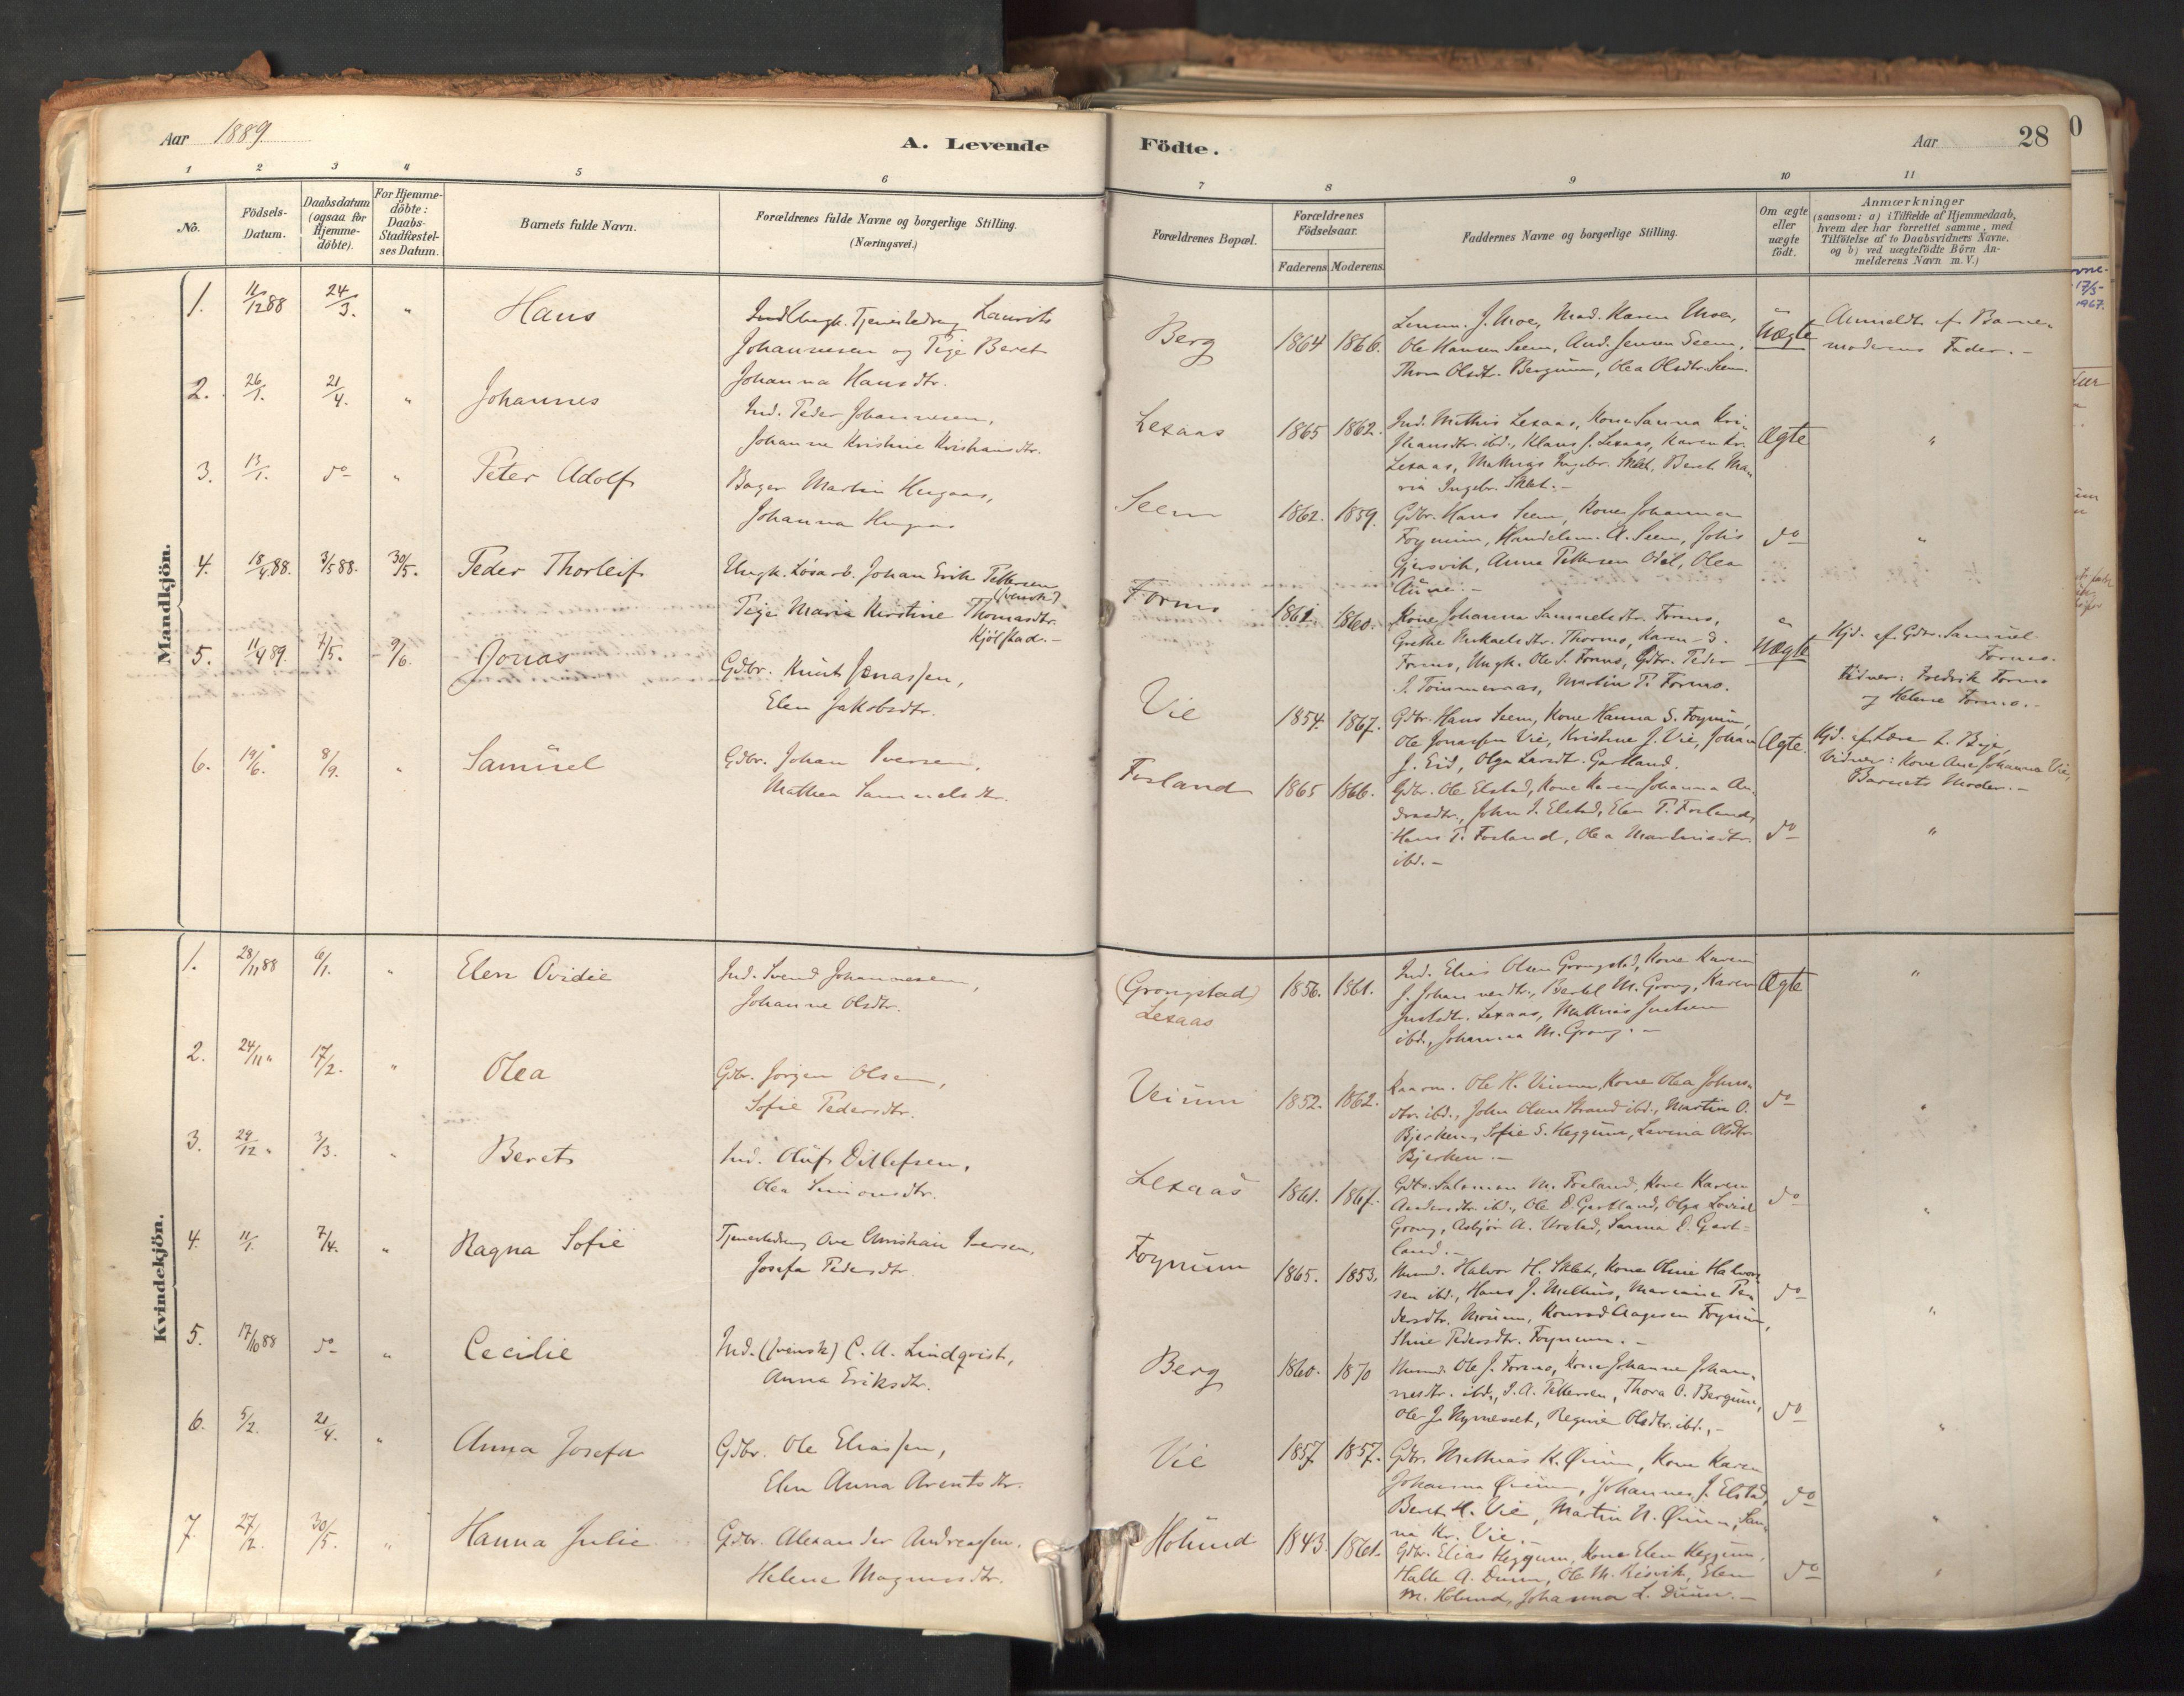 SAT, Ministerialprotokoller, klokkerbøker og fødselsregistre - Nord-Trøndelag, 758/L0519: Ministerialbok nr. 758A04, 1880-1926, s. 28